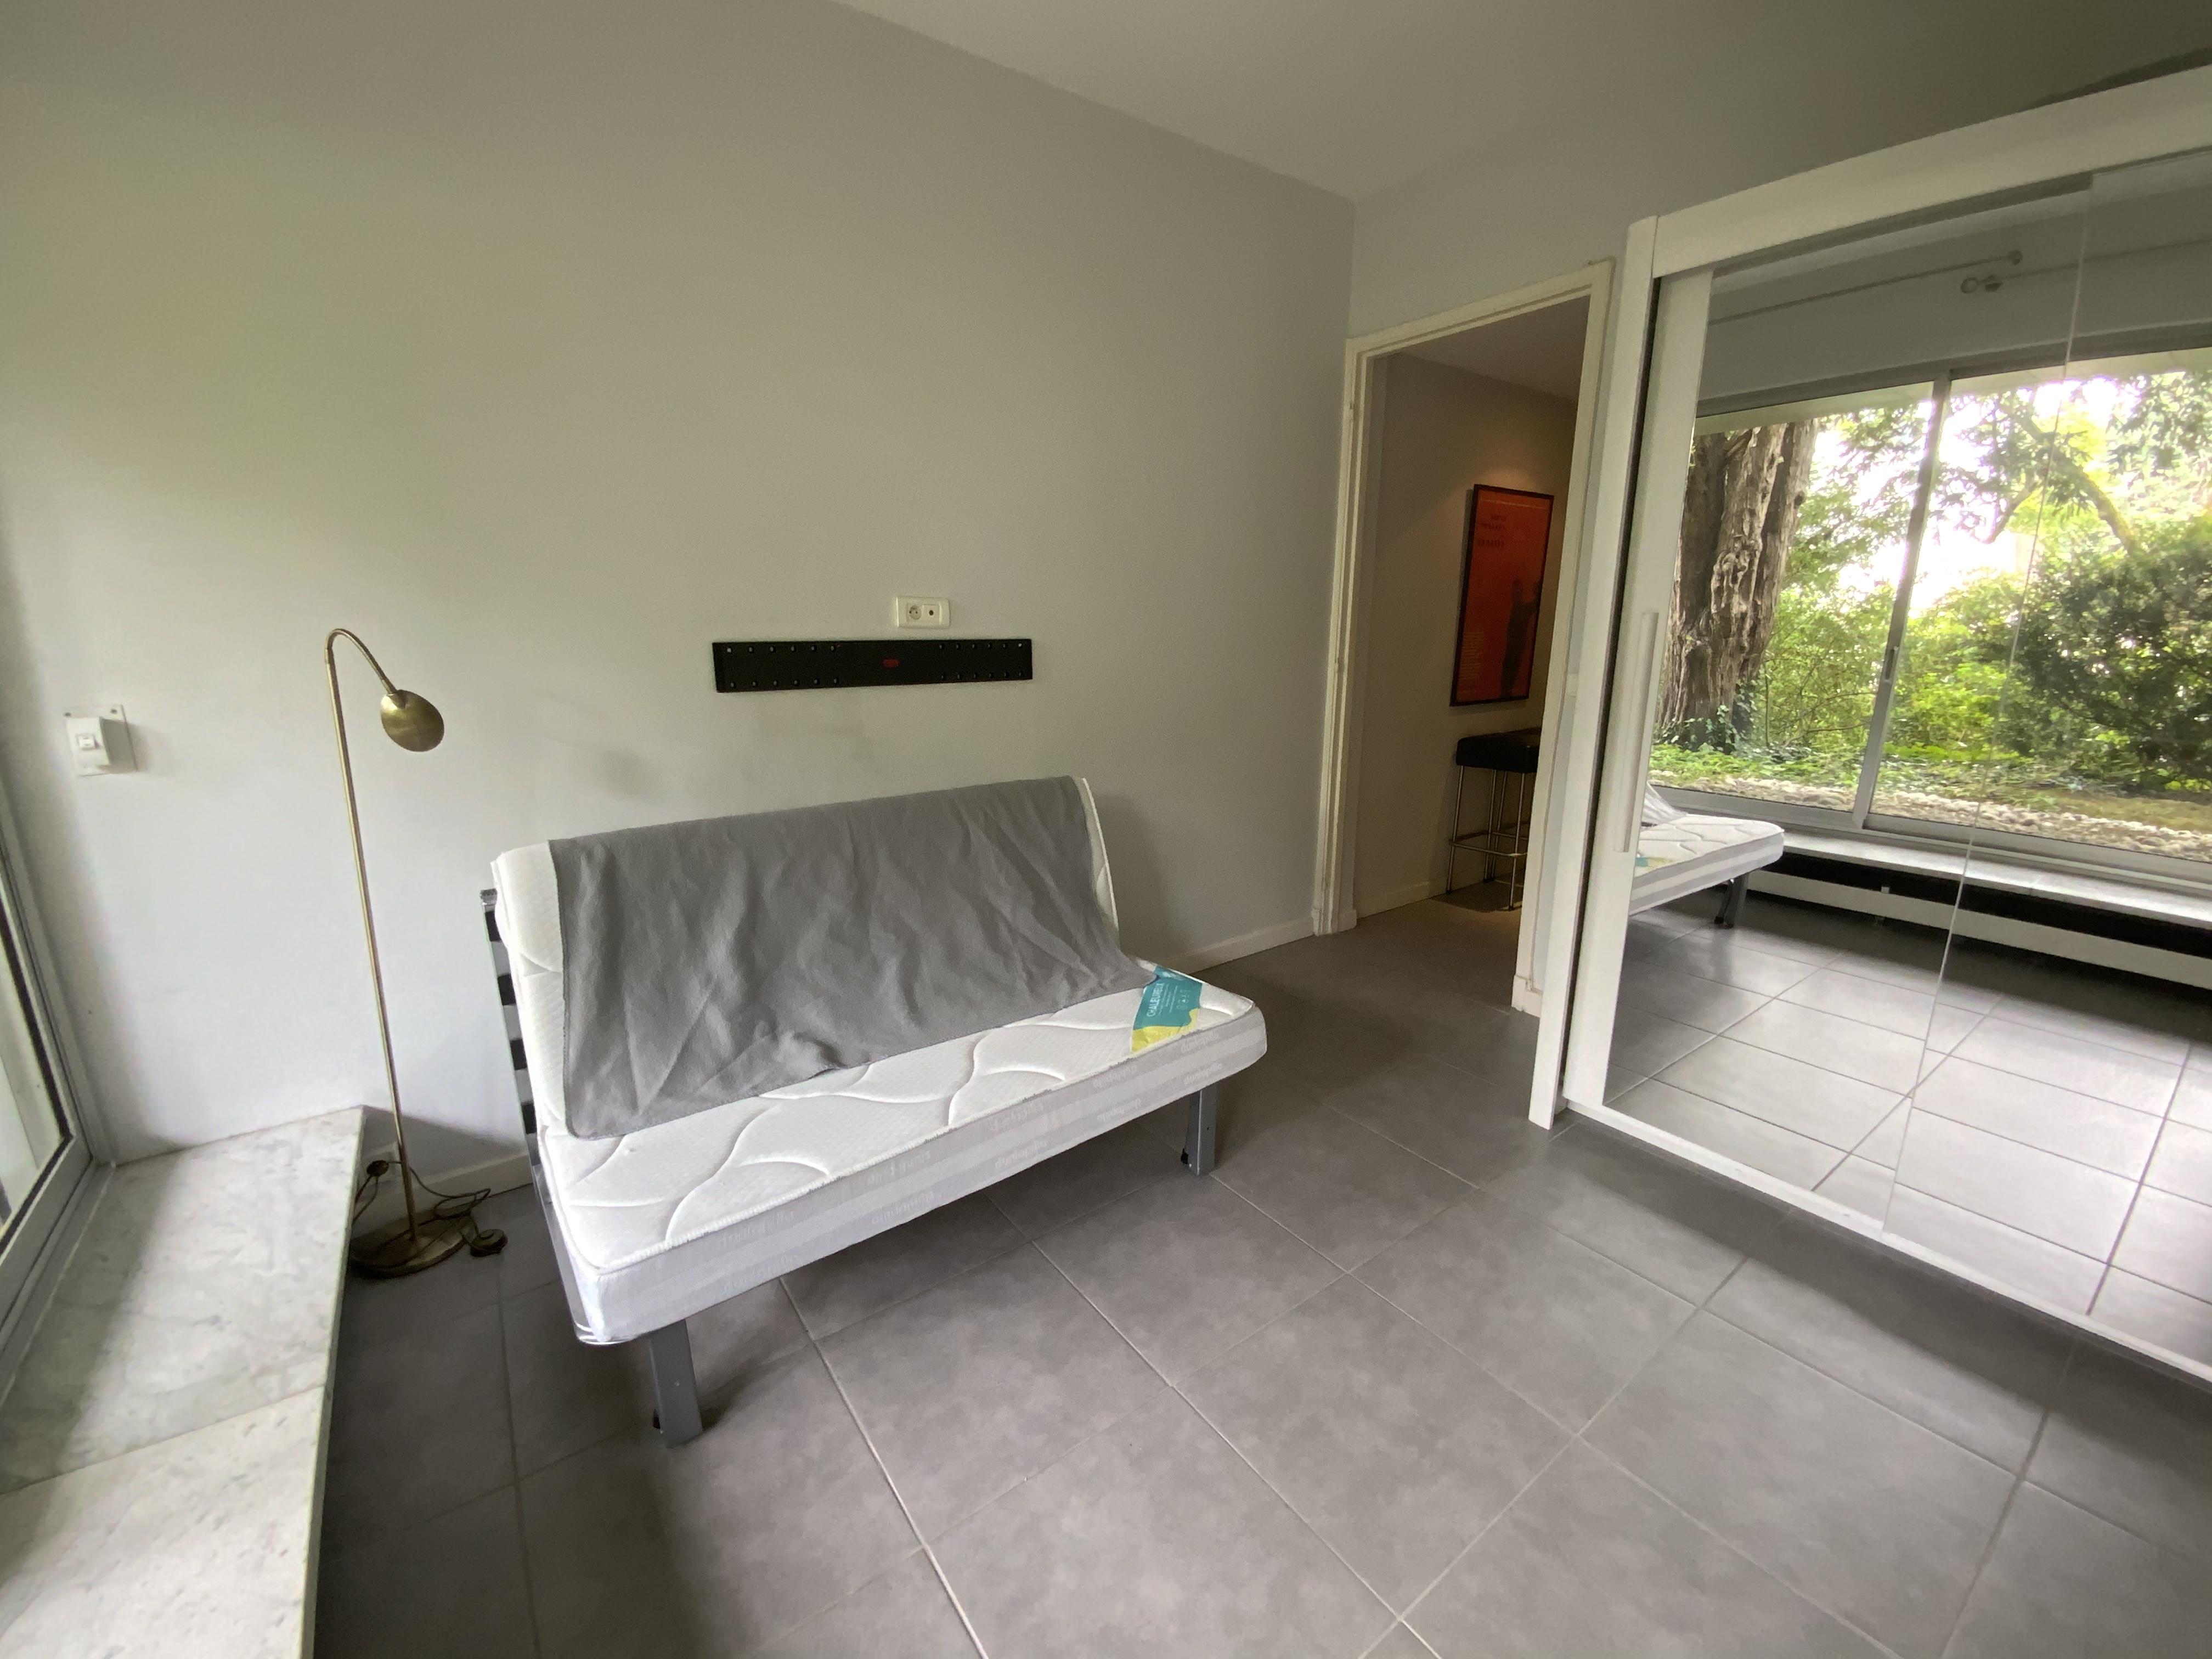 Appartement meublé à louer, Boulogne Billancourt (92100)